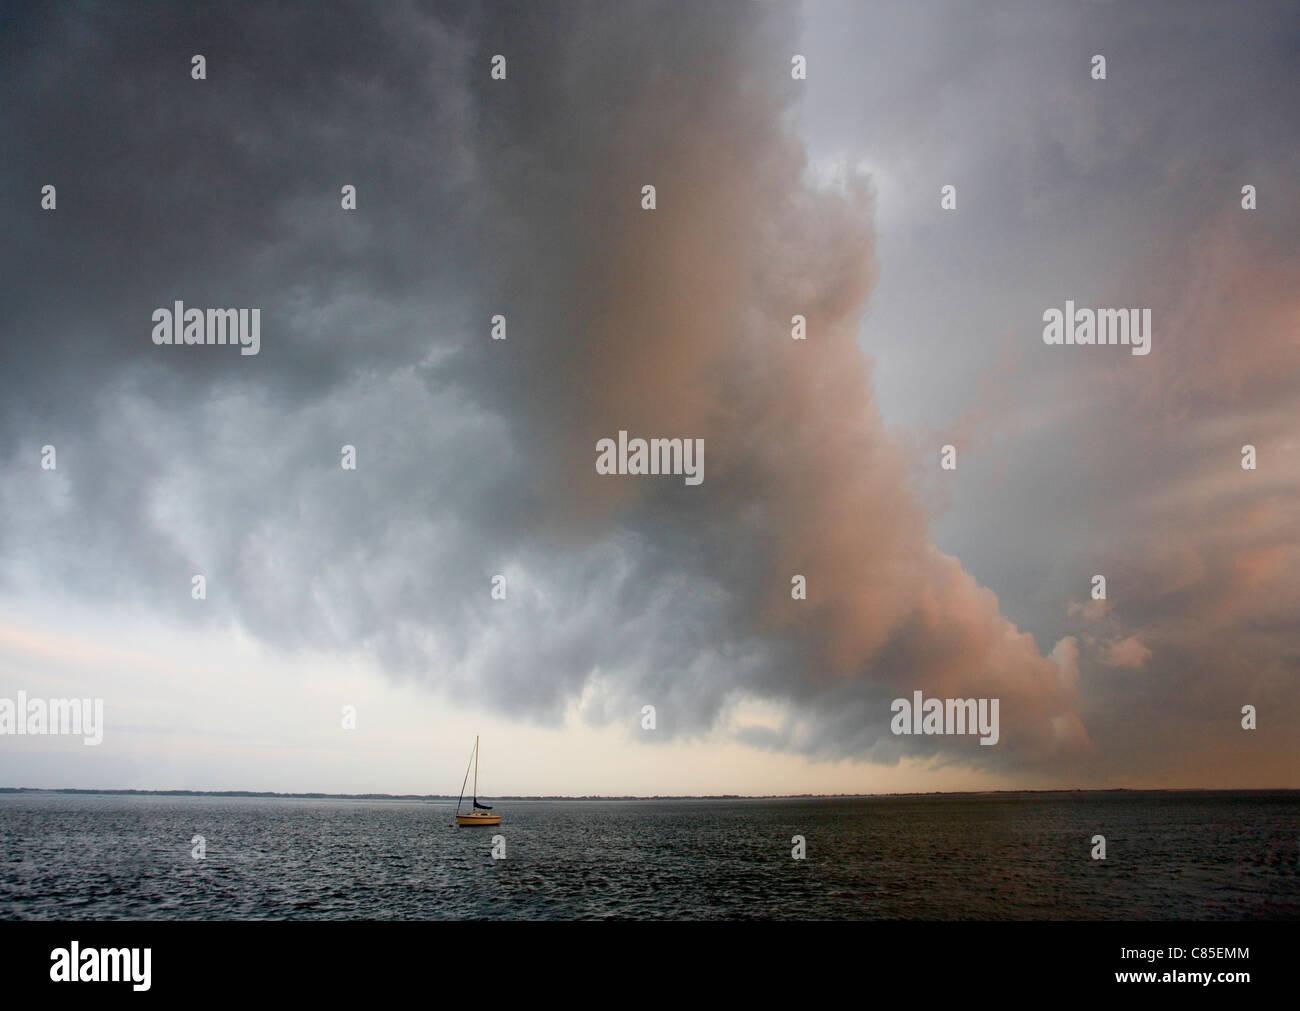 Un nuage spectaculaire annonce le décès d'un front météorologique en passant au dessus d'une Photo Stock